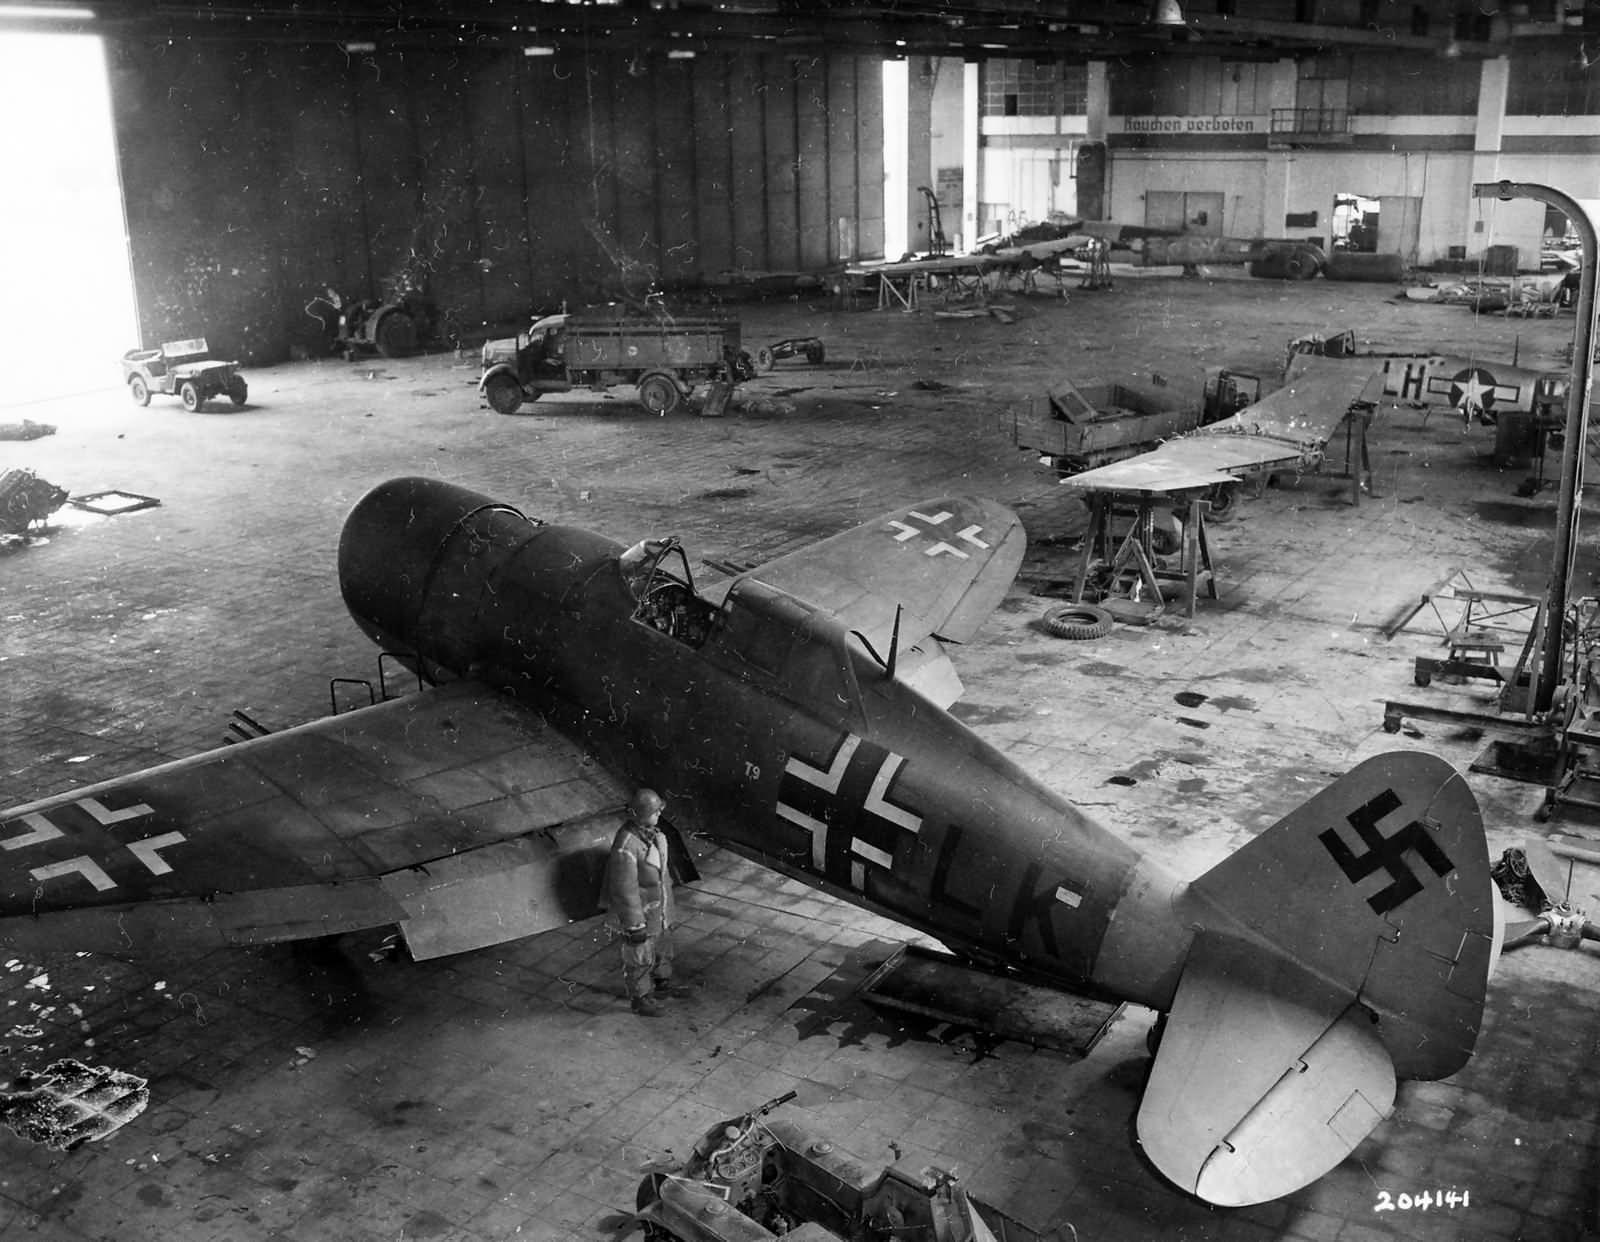 625313d1389131141-captured-german-aircra